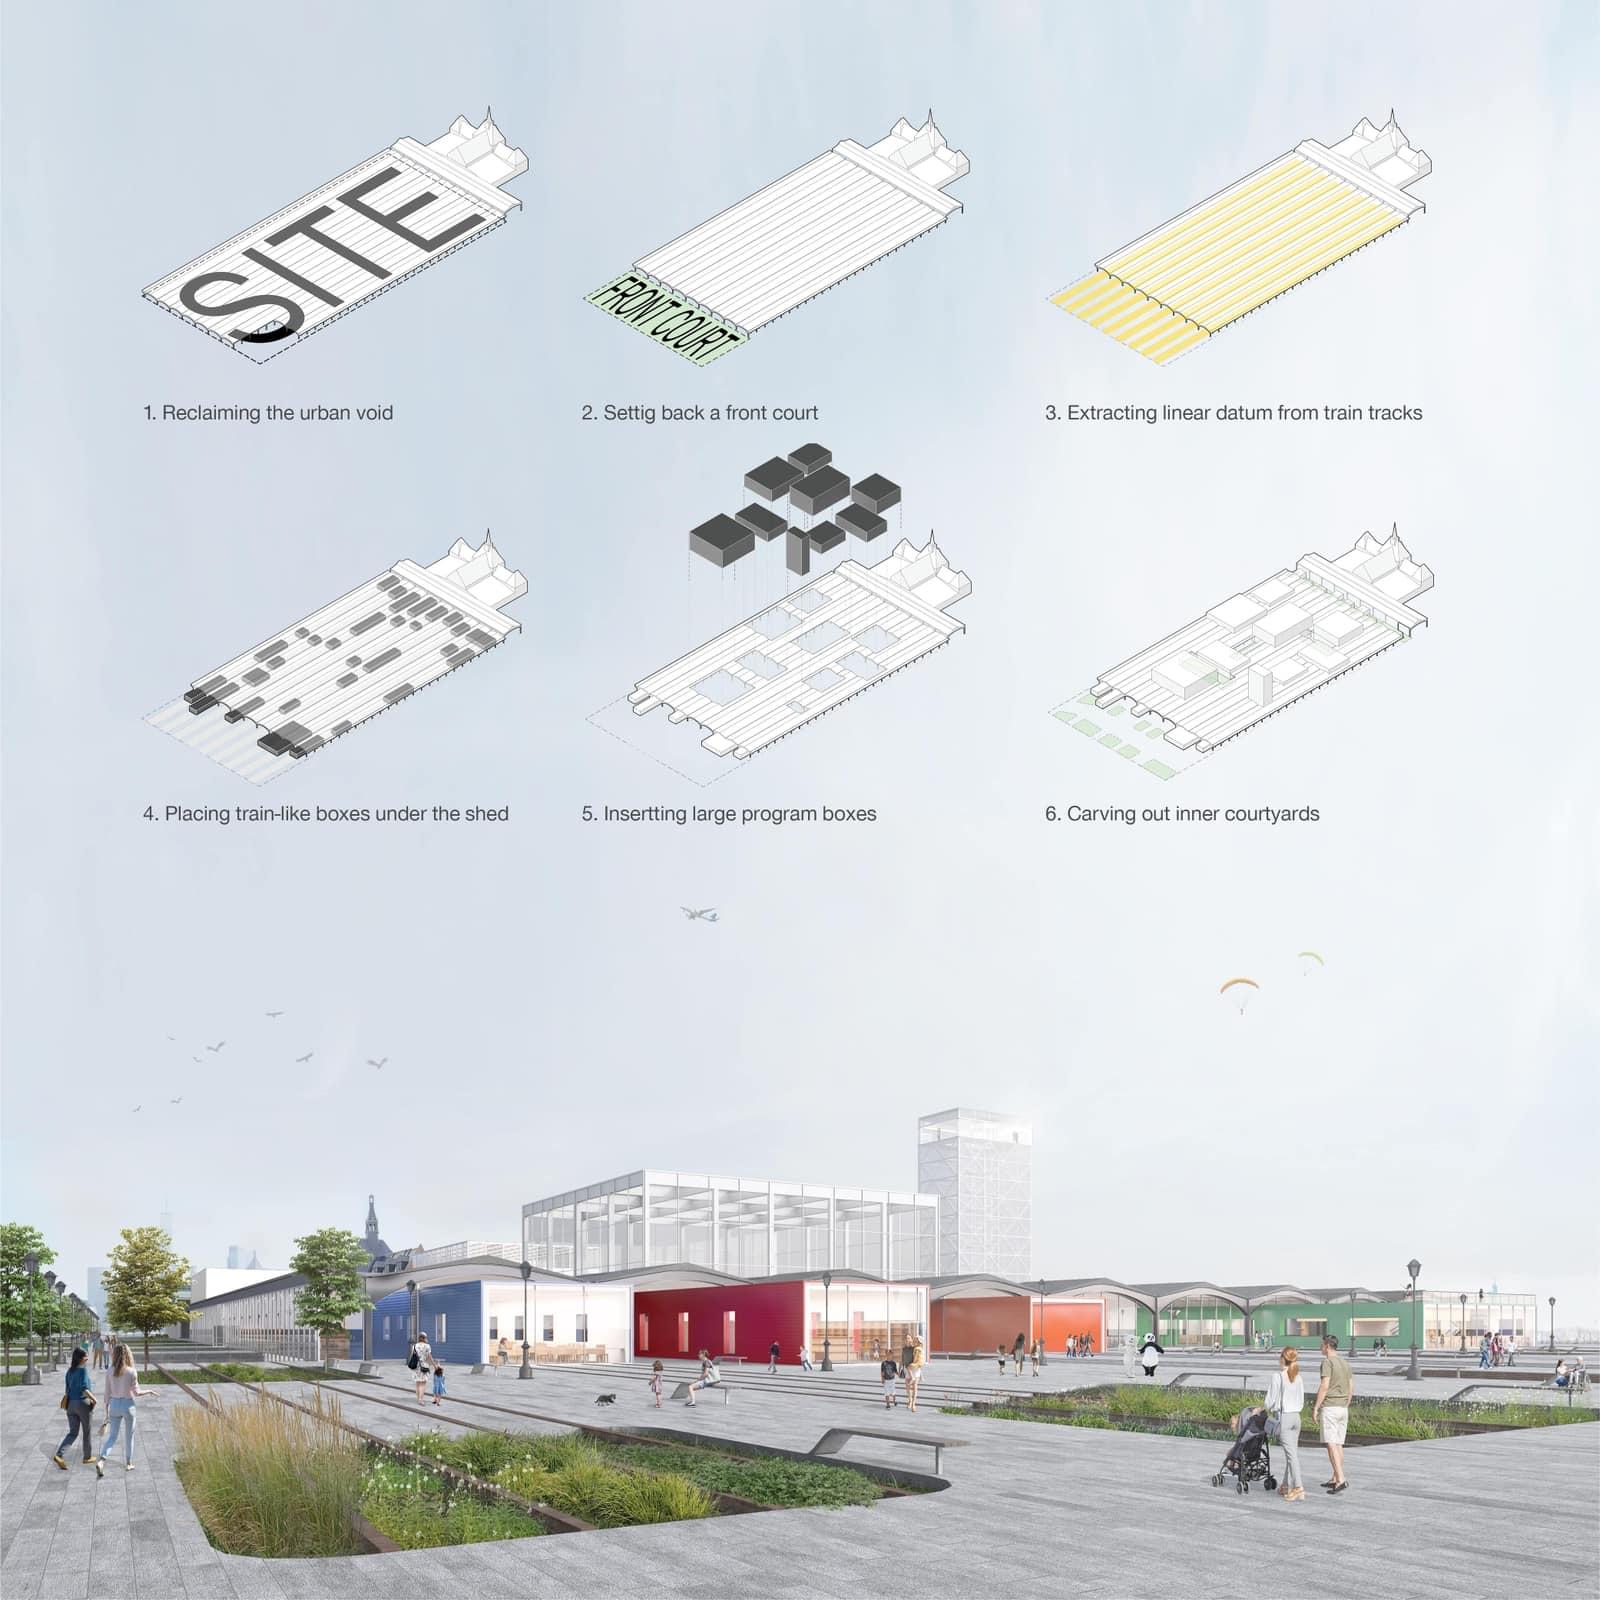 Yuchen Qiu, Peicong Zhang, & Hao Zhong | Columbia GSAPP | DesignClass